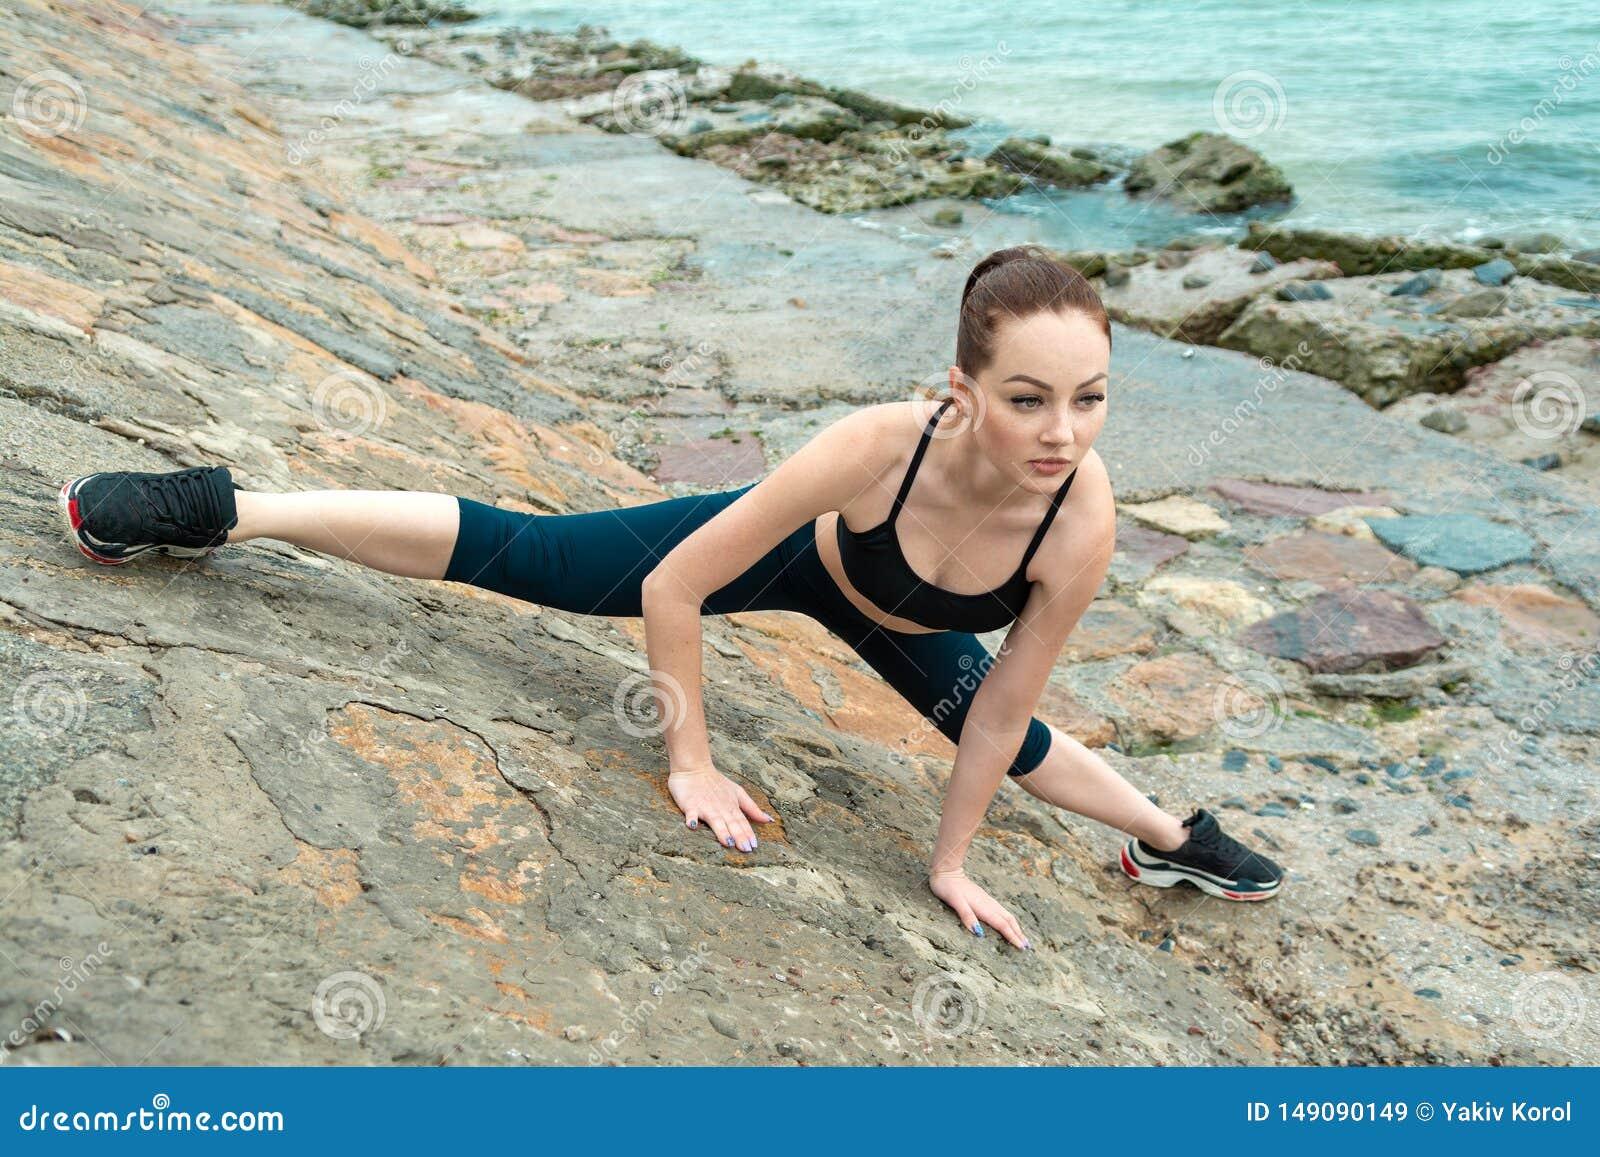 Рыжеволосая, молодая, атлетическая, красивая девушка принималась за гимнастику, бег на открытом воздухе Выполняет тренировки спор